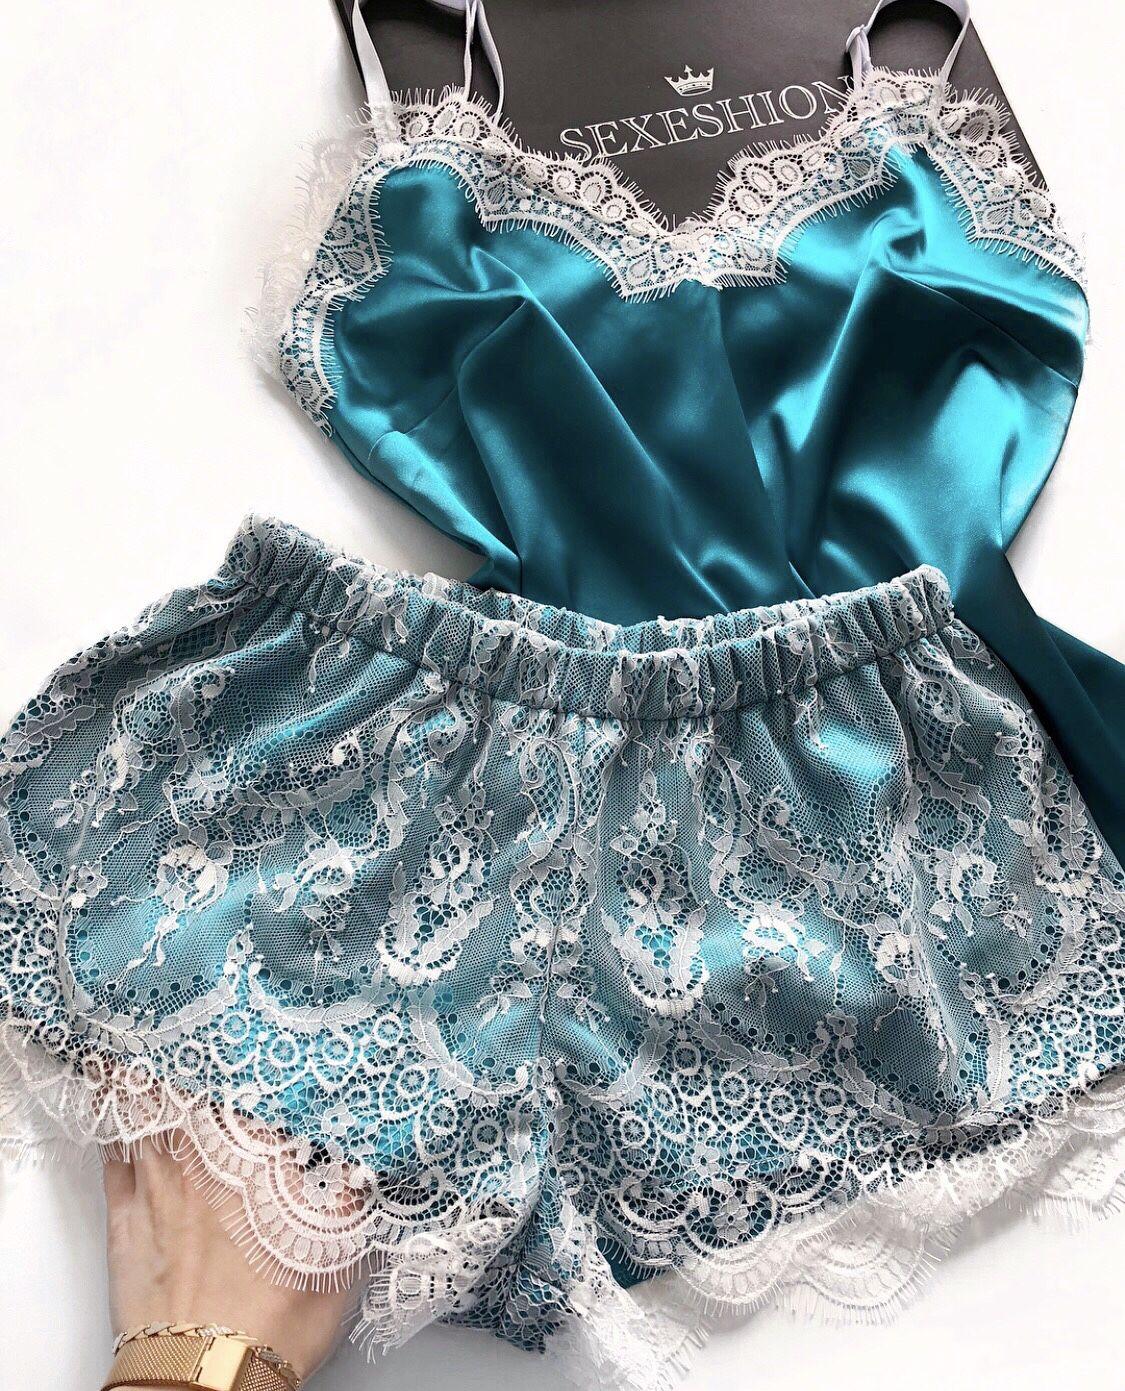 56ae7a1078b2 Белье ручной работы. Ярмарка Мастеров - ручная работа. Купить Атласная  пижама с кружевом.